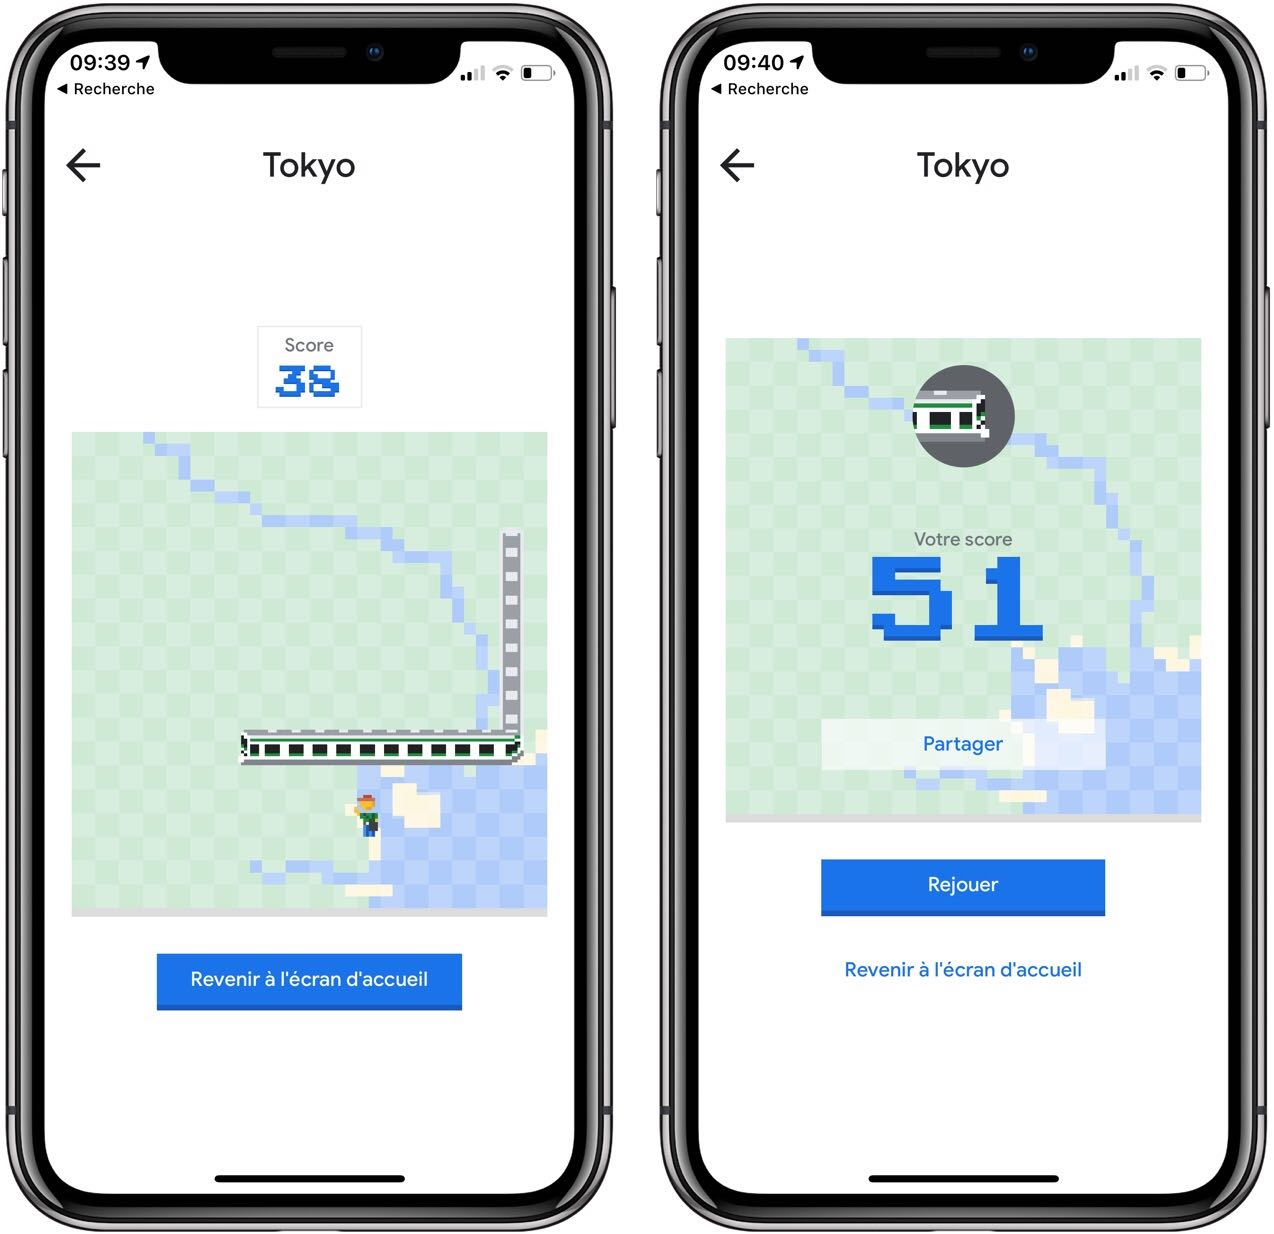 Le jeu classique Snake a envahi Google Maps : comment jouer sur iPhone 1